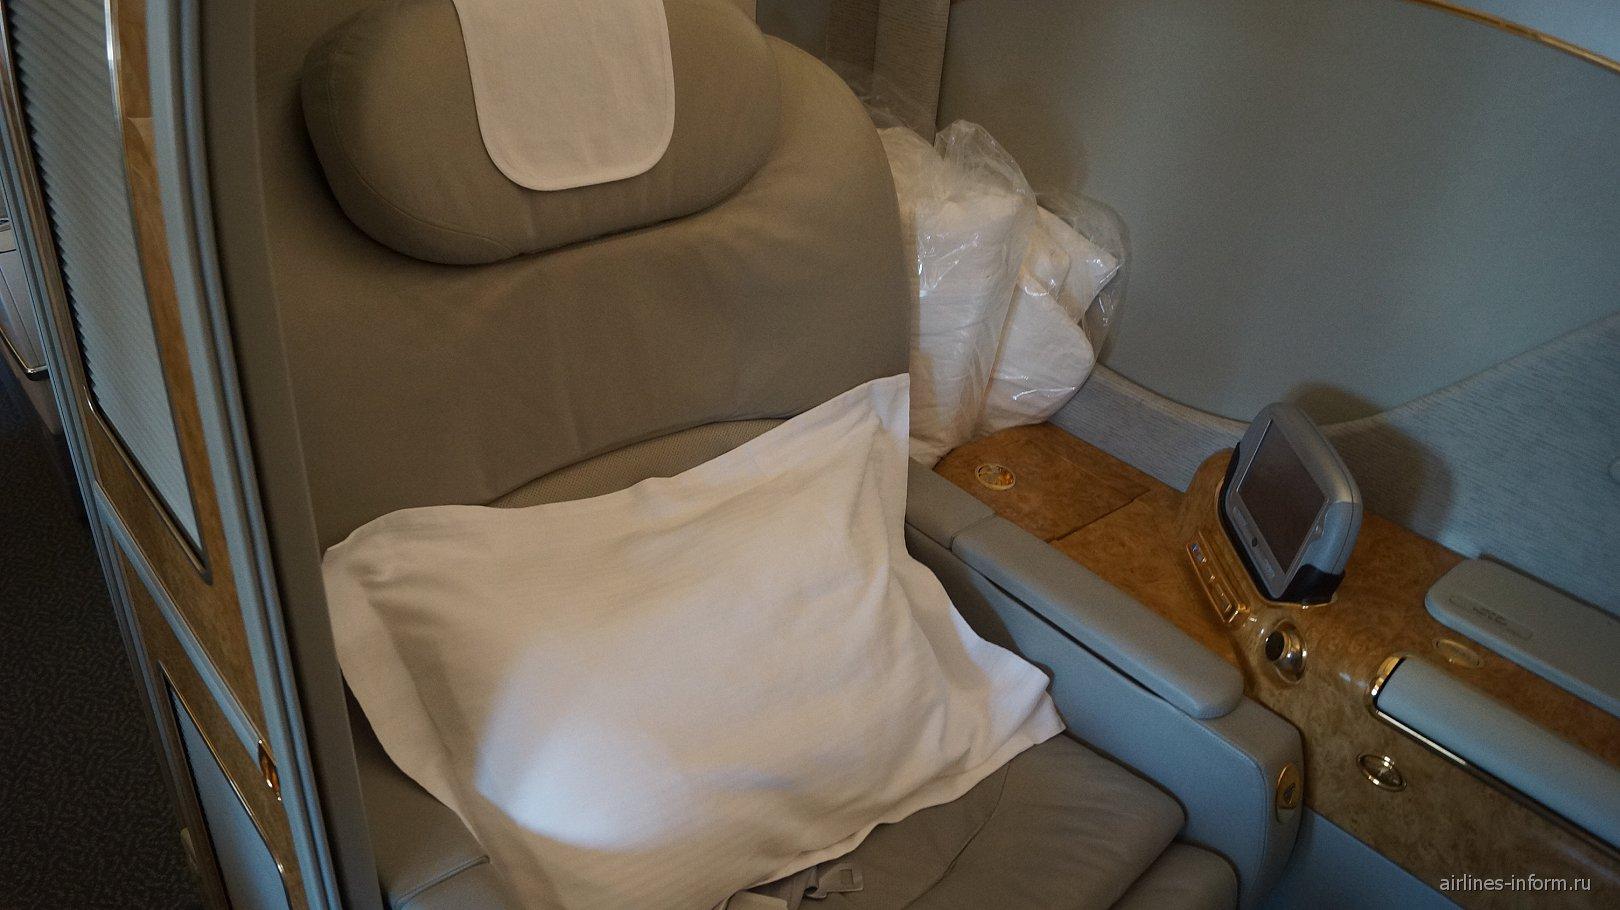 Пассажирское кресло первого класса в самолете Боинг-777-200 авиакомпании Emirates